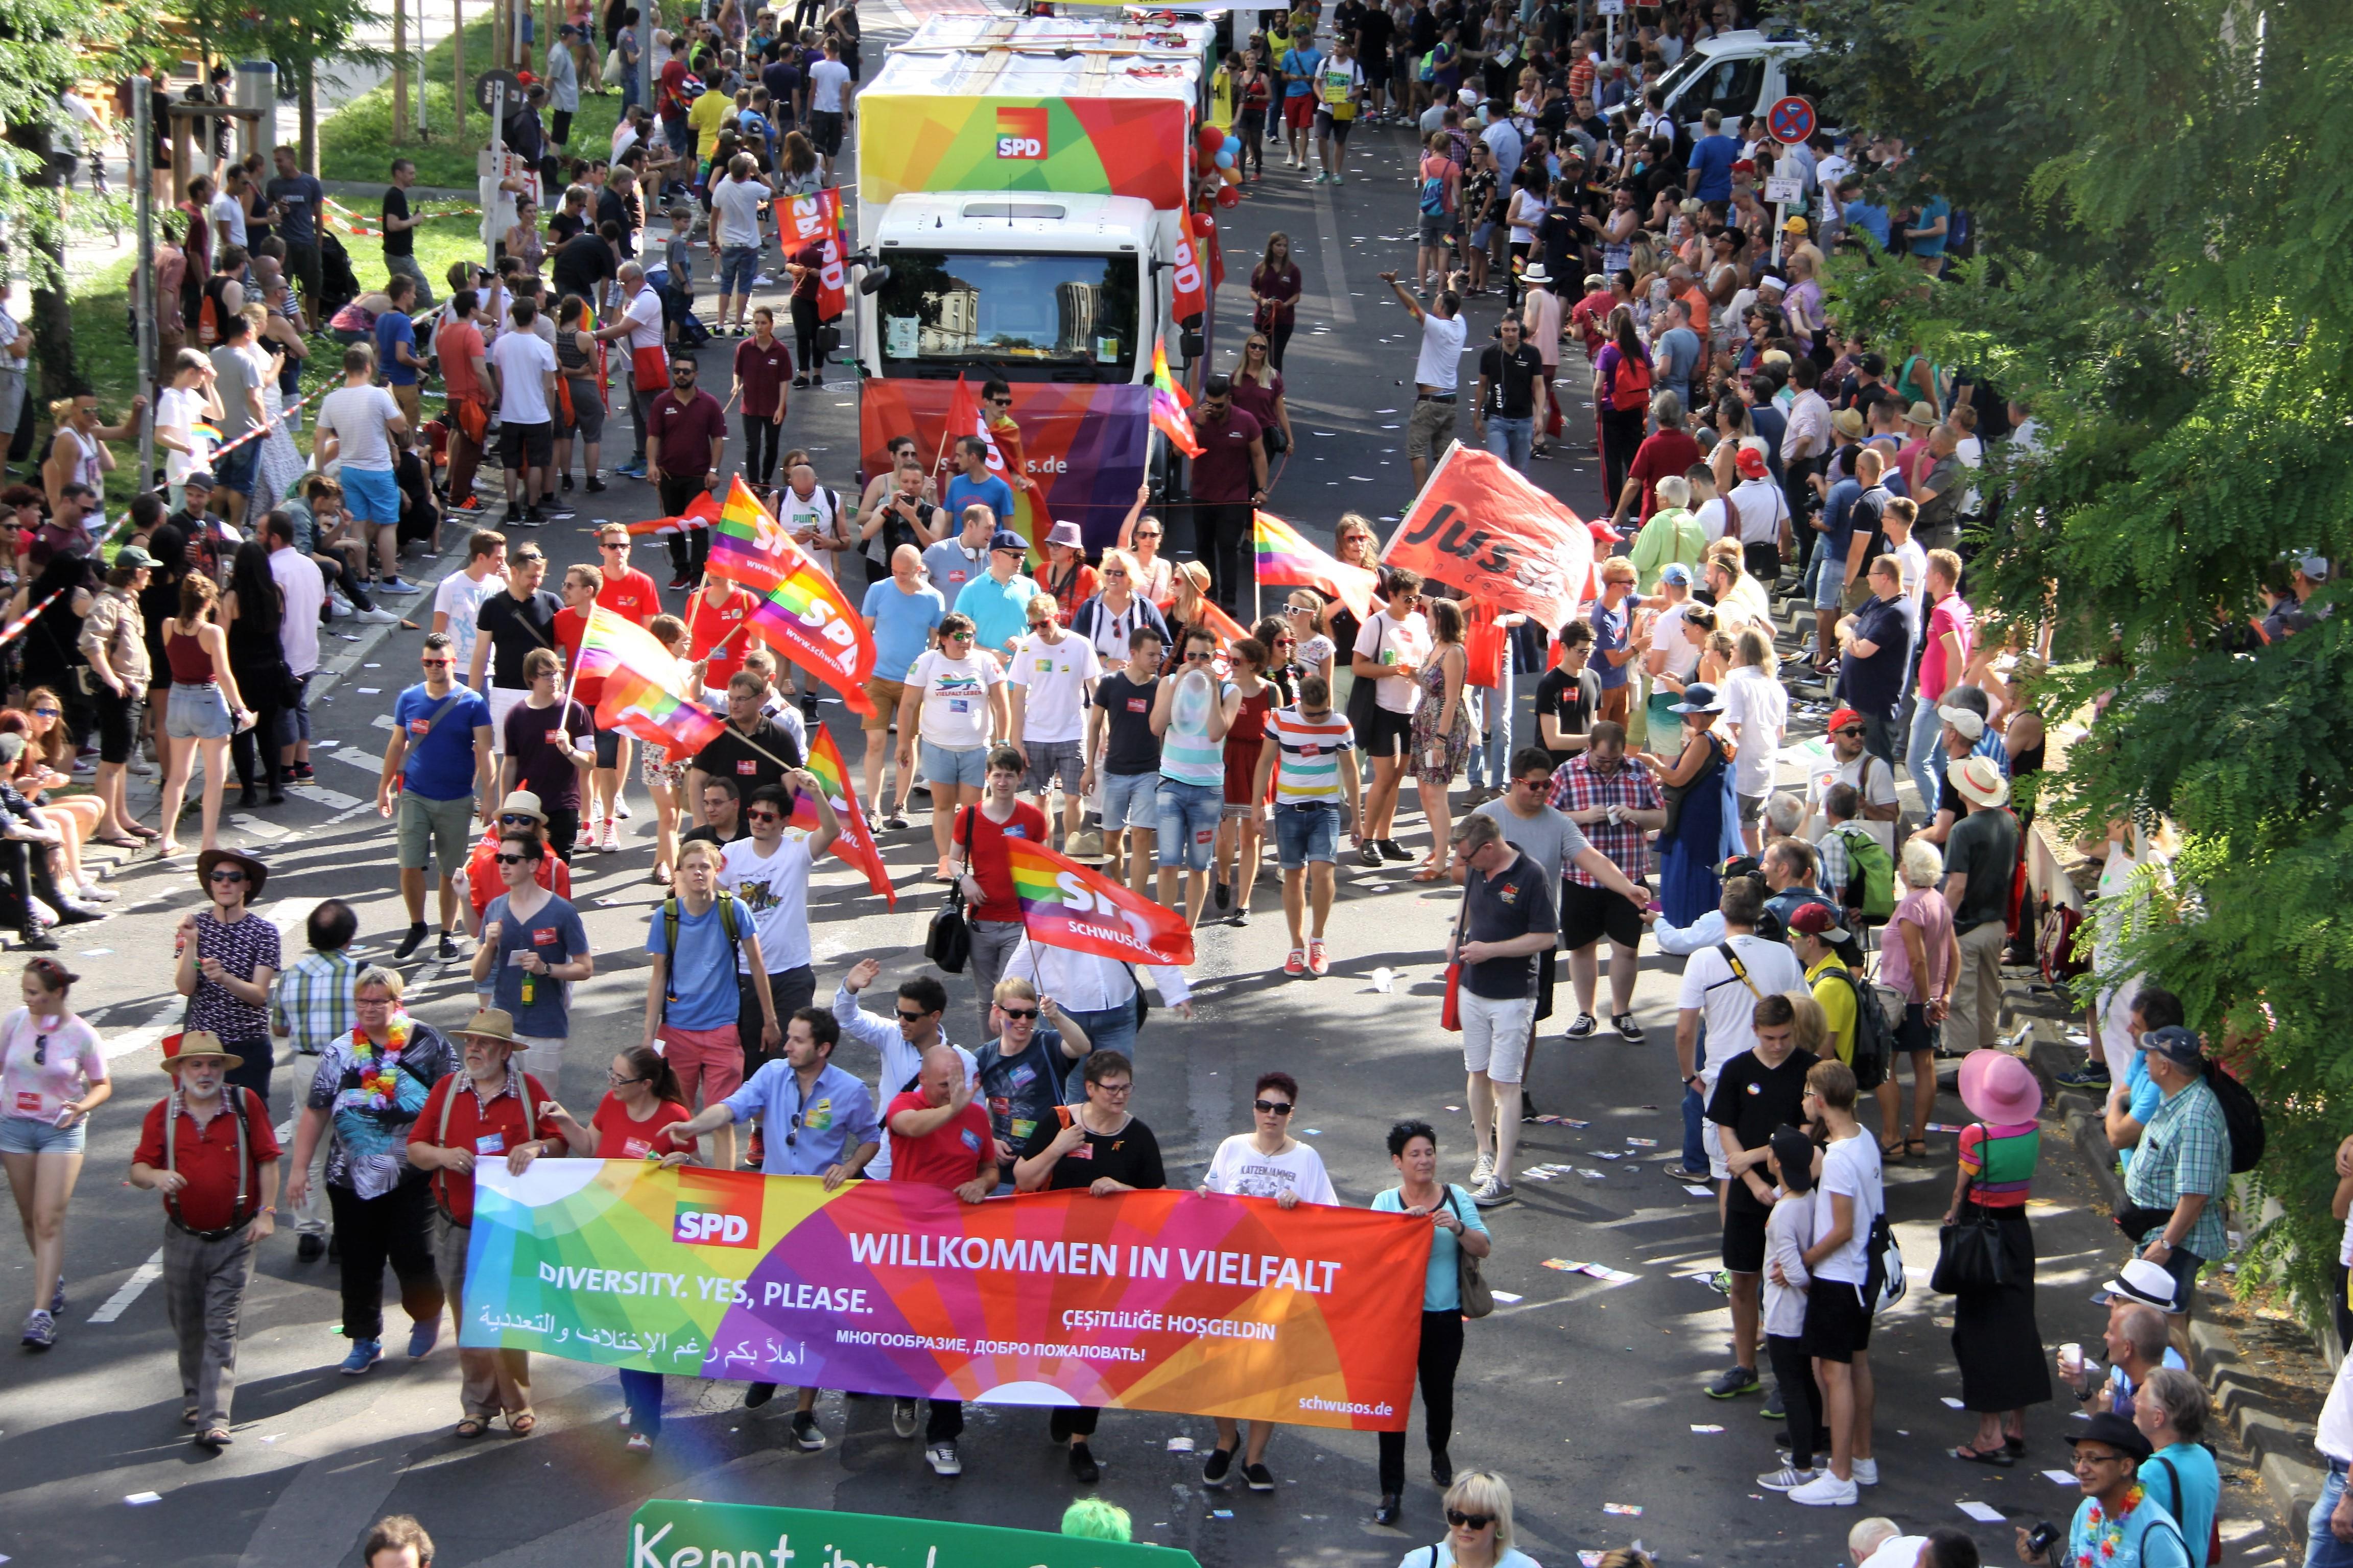 4500 Teilnehmer bei der Parade zum Christopher-Street-Day 2016 in Stuttgart. Darunter die SPD Baden-Württemberg. Foto: Uwe Roth